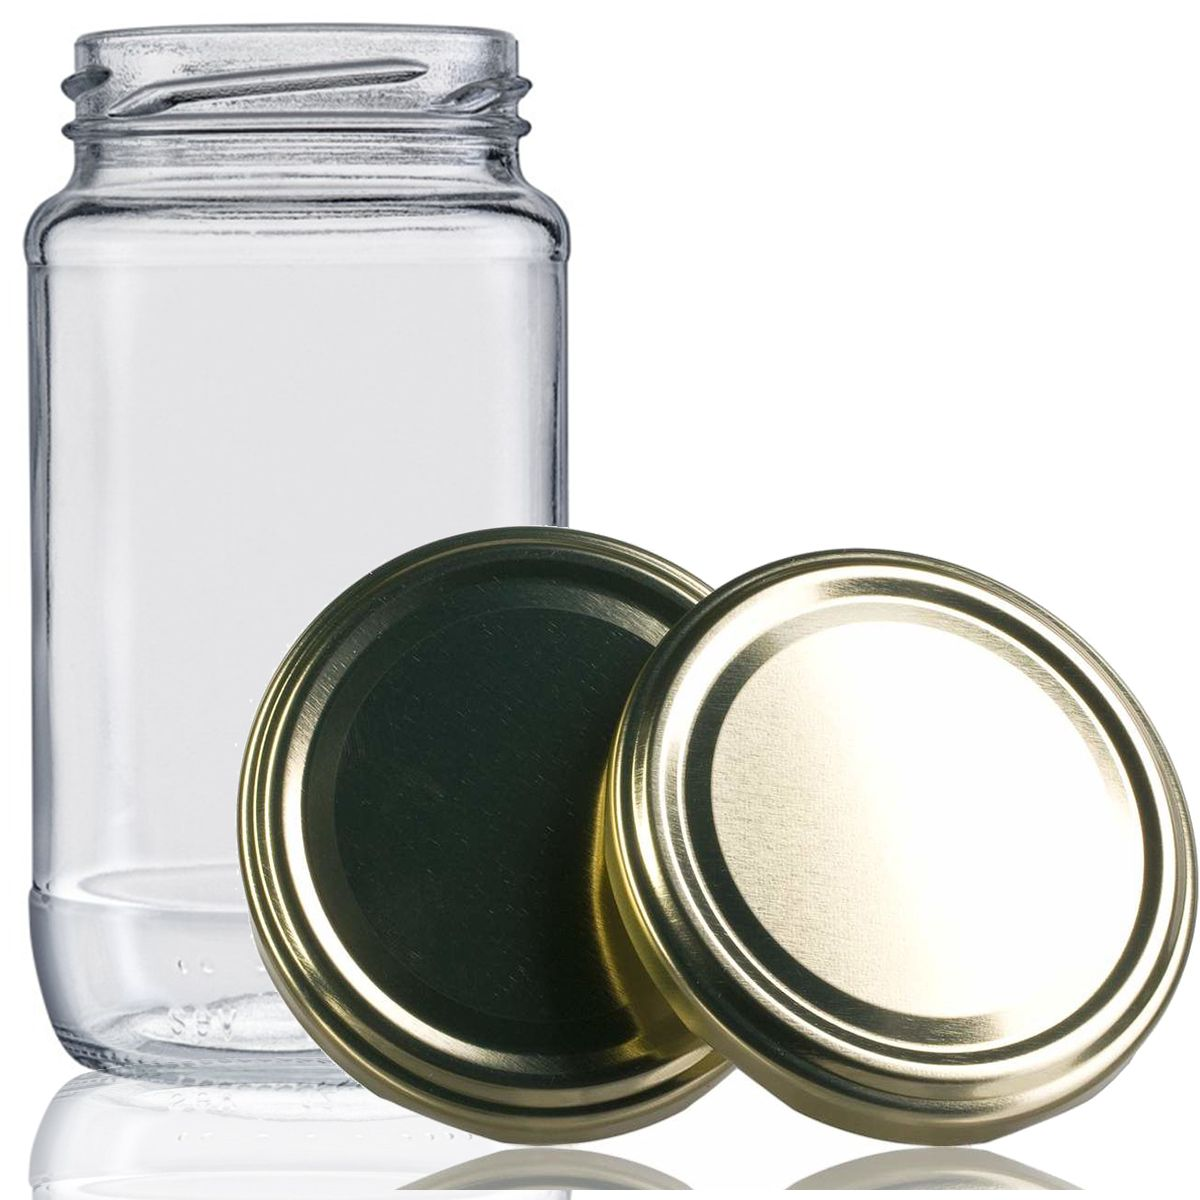 48 Potes De Vidro Azeitona 355 Ml Com Tampa Dourada + Lacre  - EMPÓRIO PACK